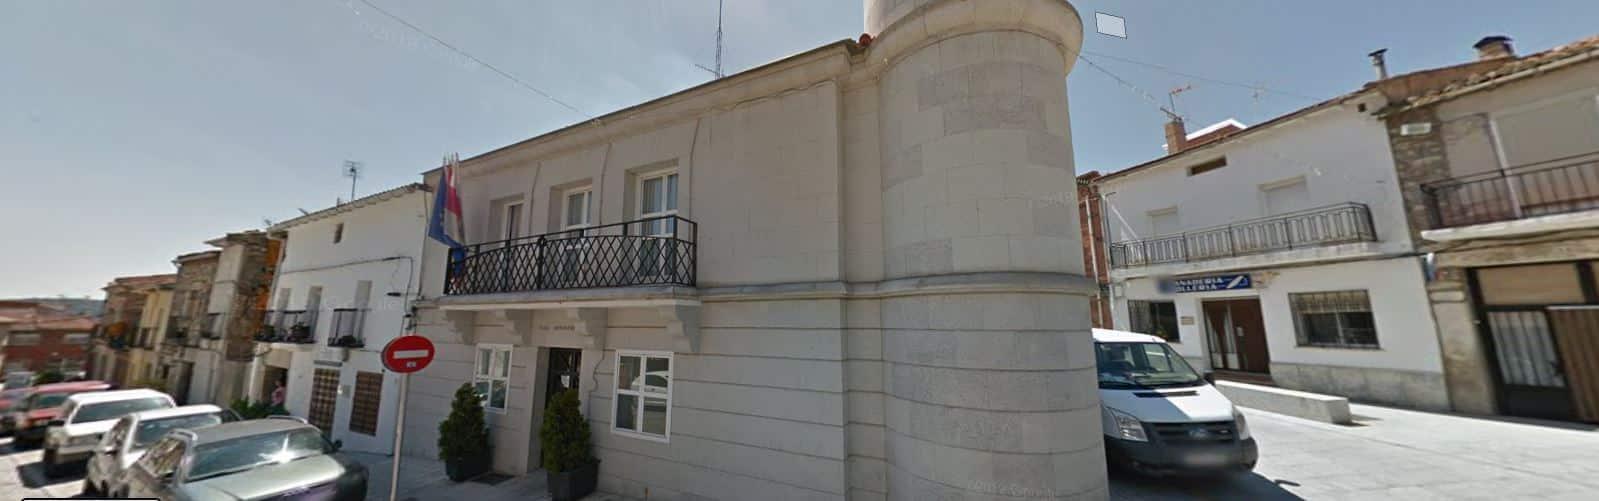 Registro civil - Ayuntamiento Cadalso de los Vidrios